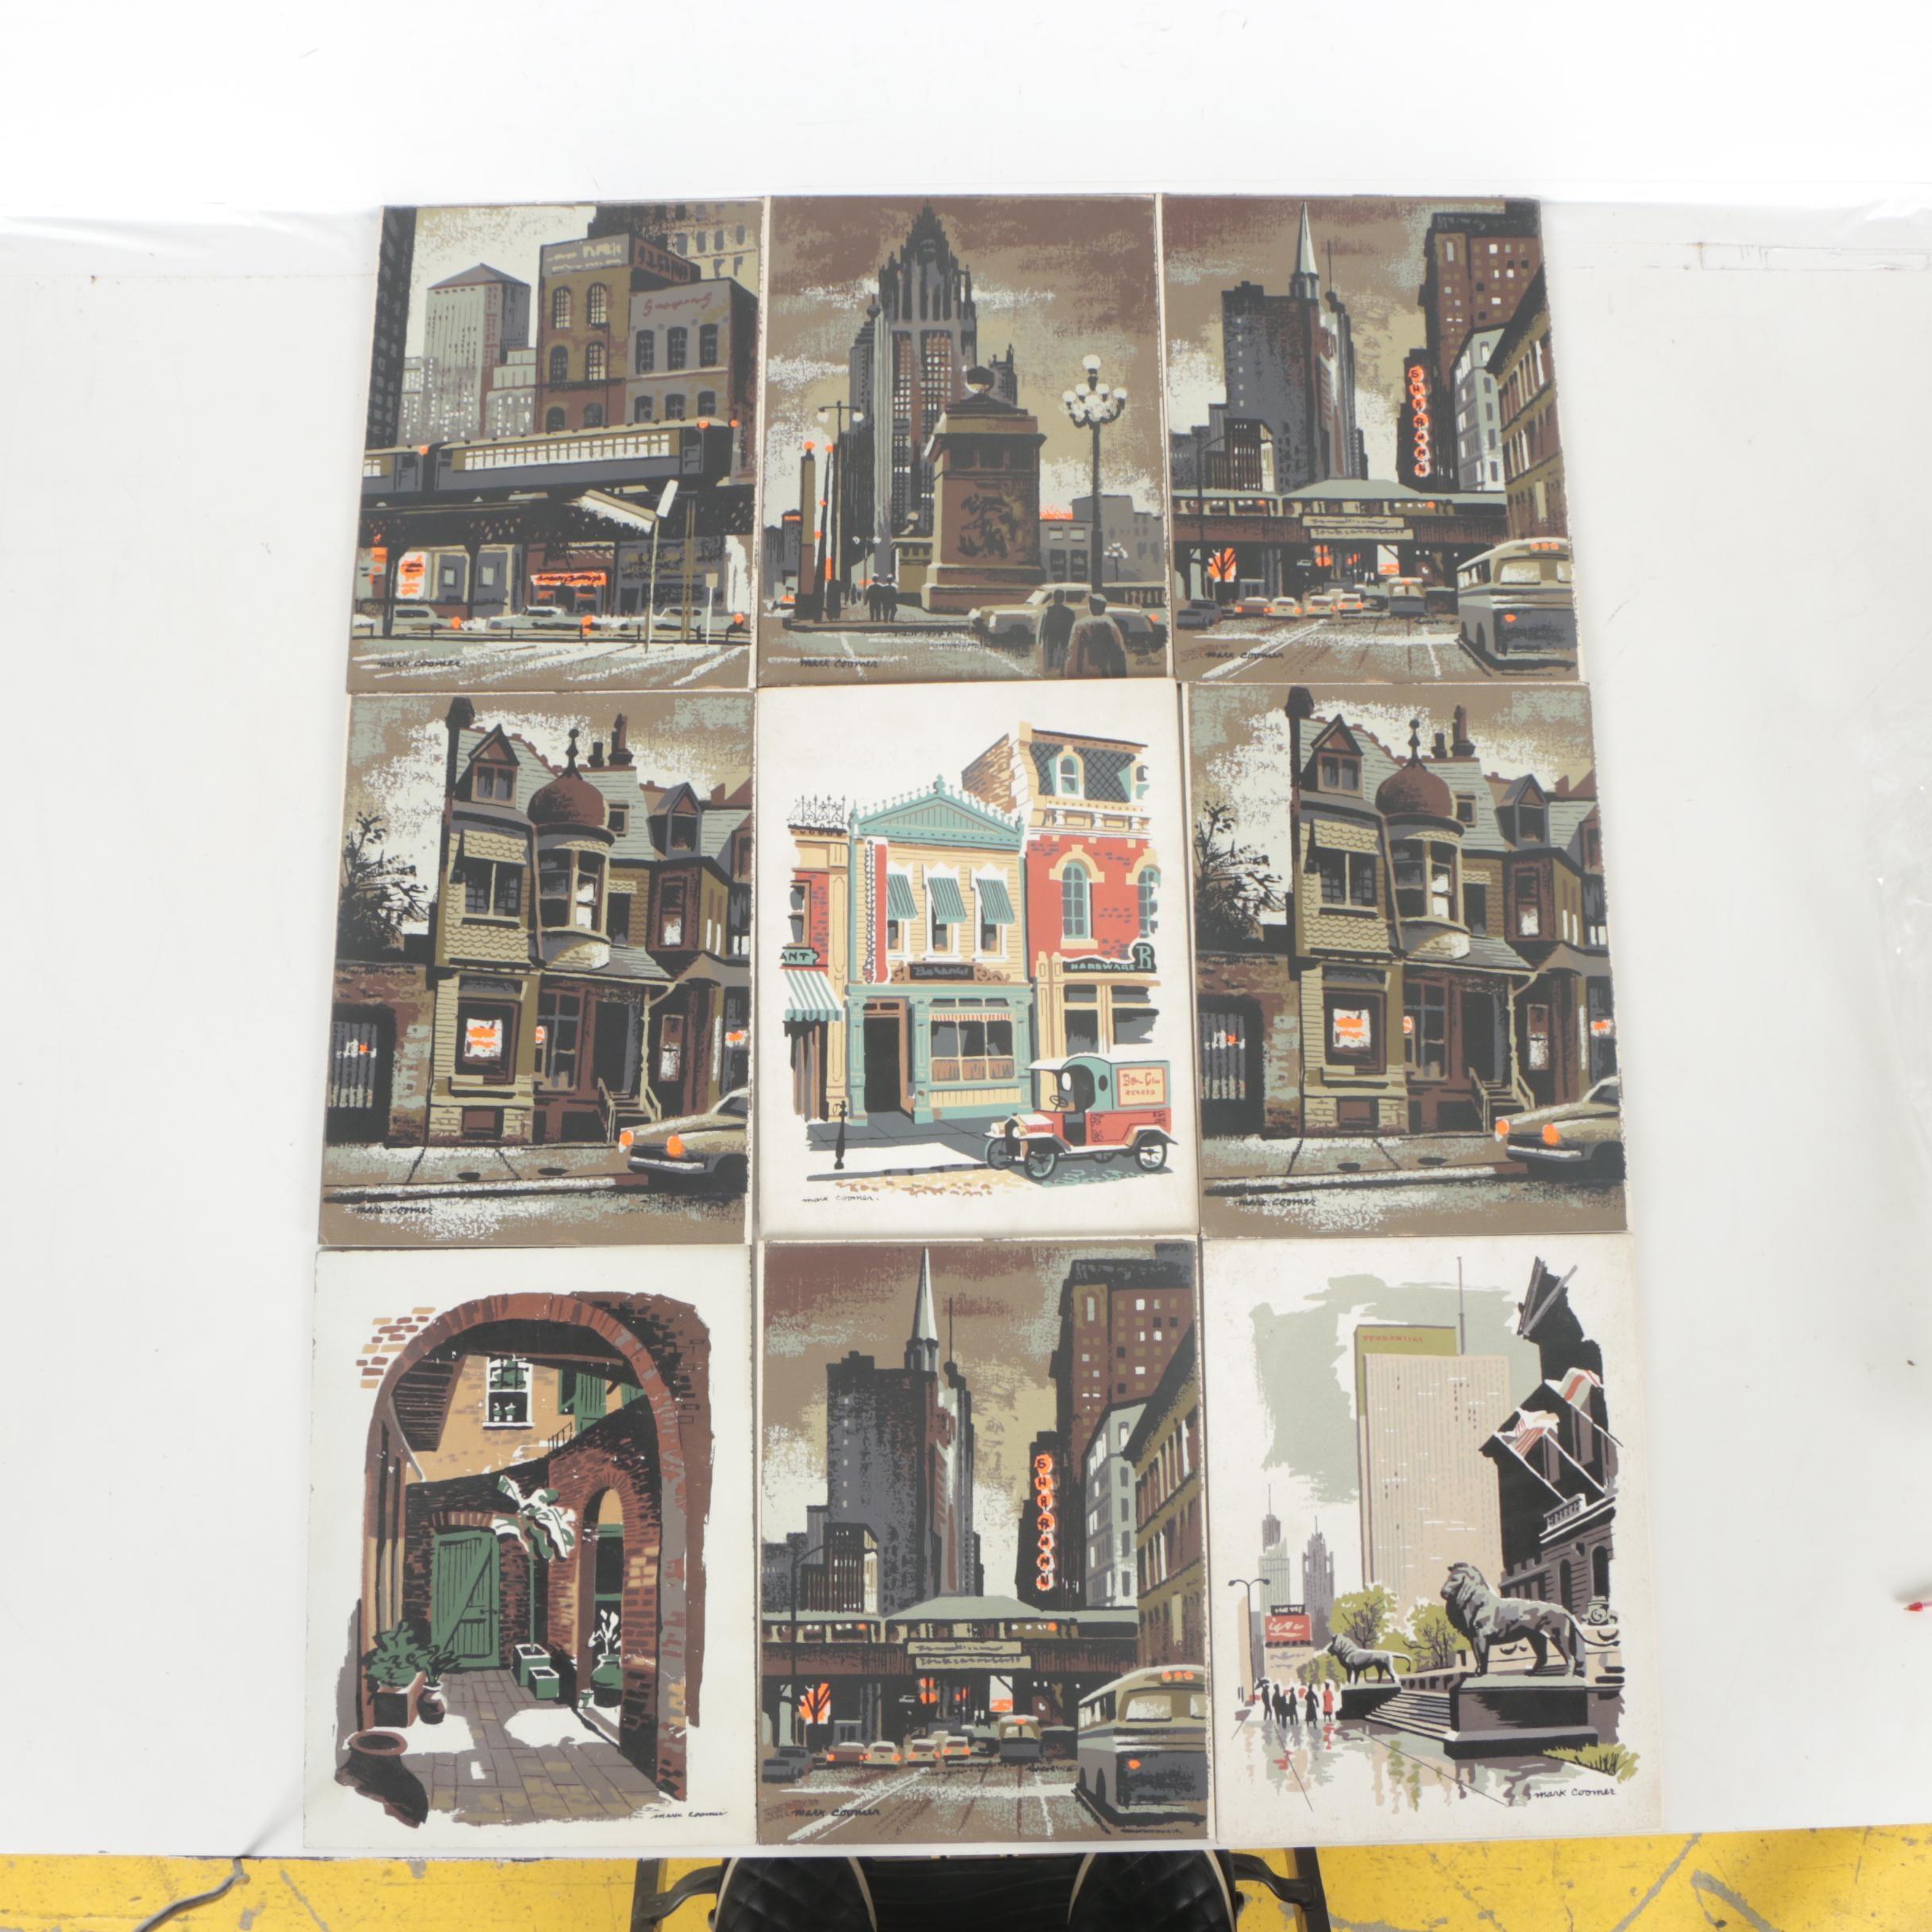 Mark Coomer Serigraphs of Architectural Landscapes